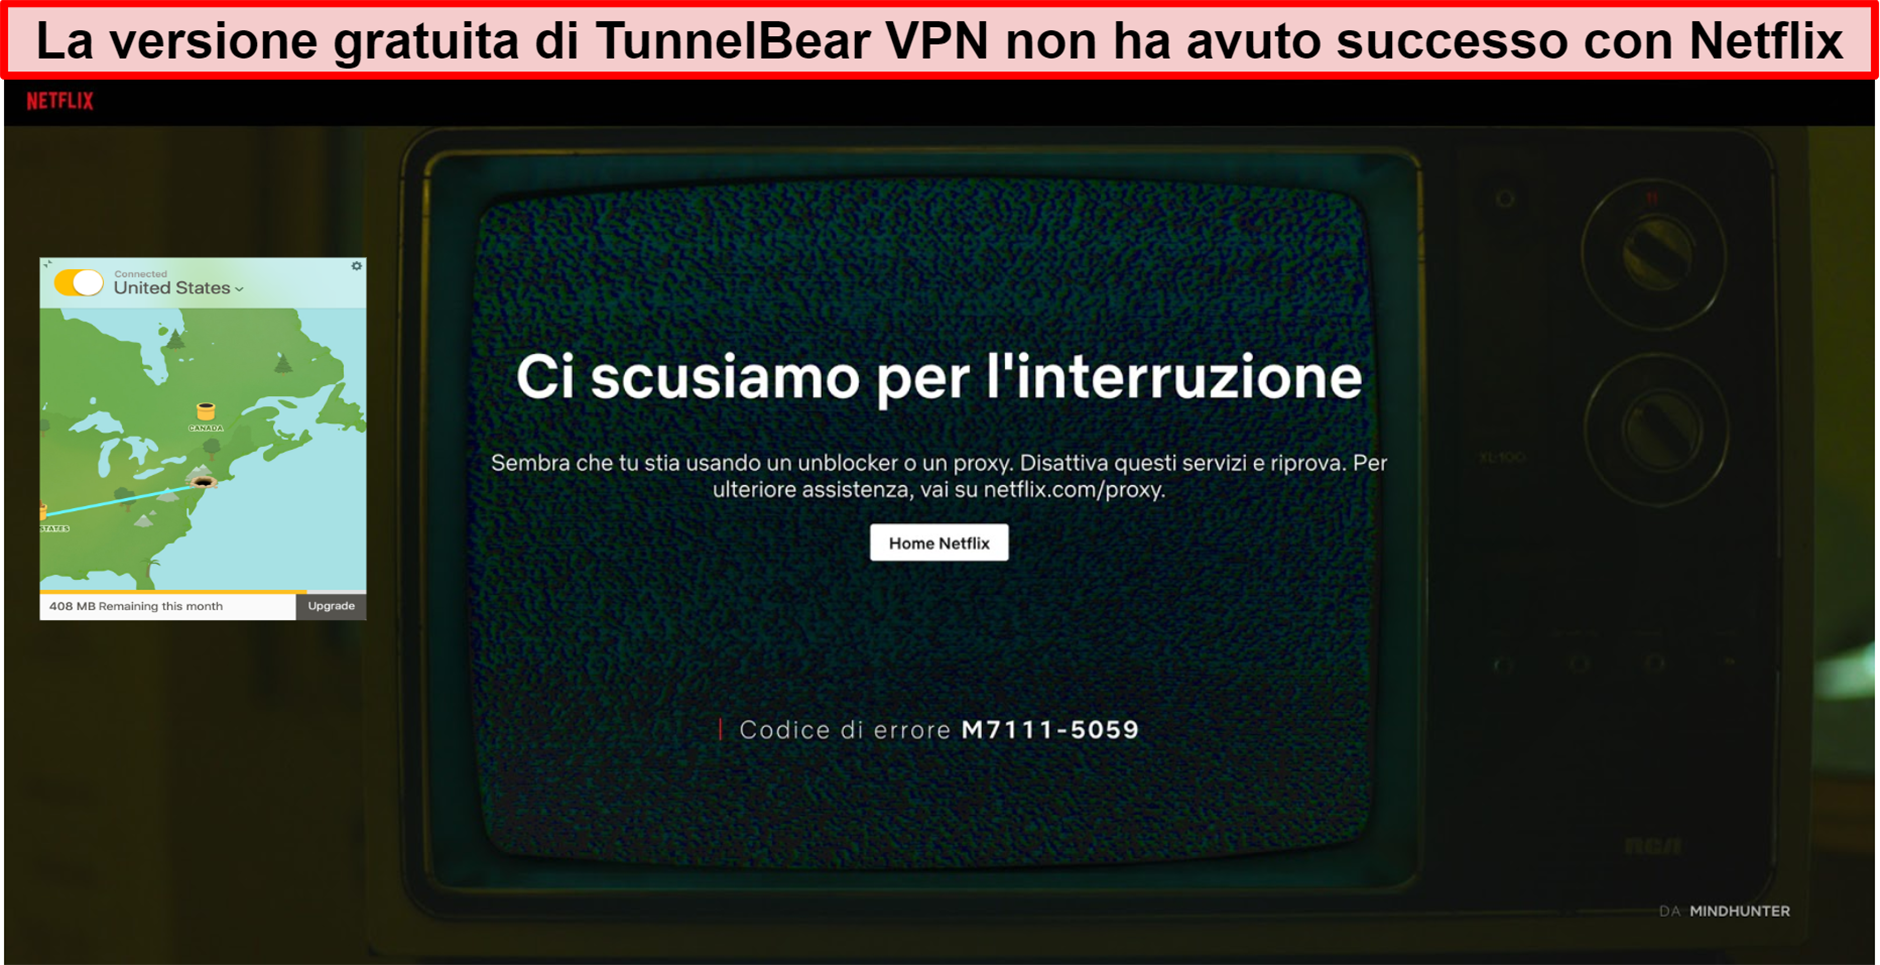 Schermata di TunnelBear VPN connessa agli Stati Uniti con Netflix che mostra il messaggio di errore di sblocco o proxy